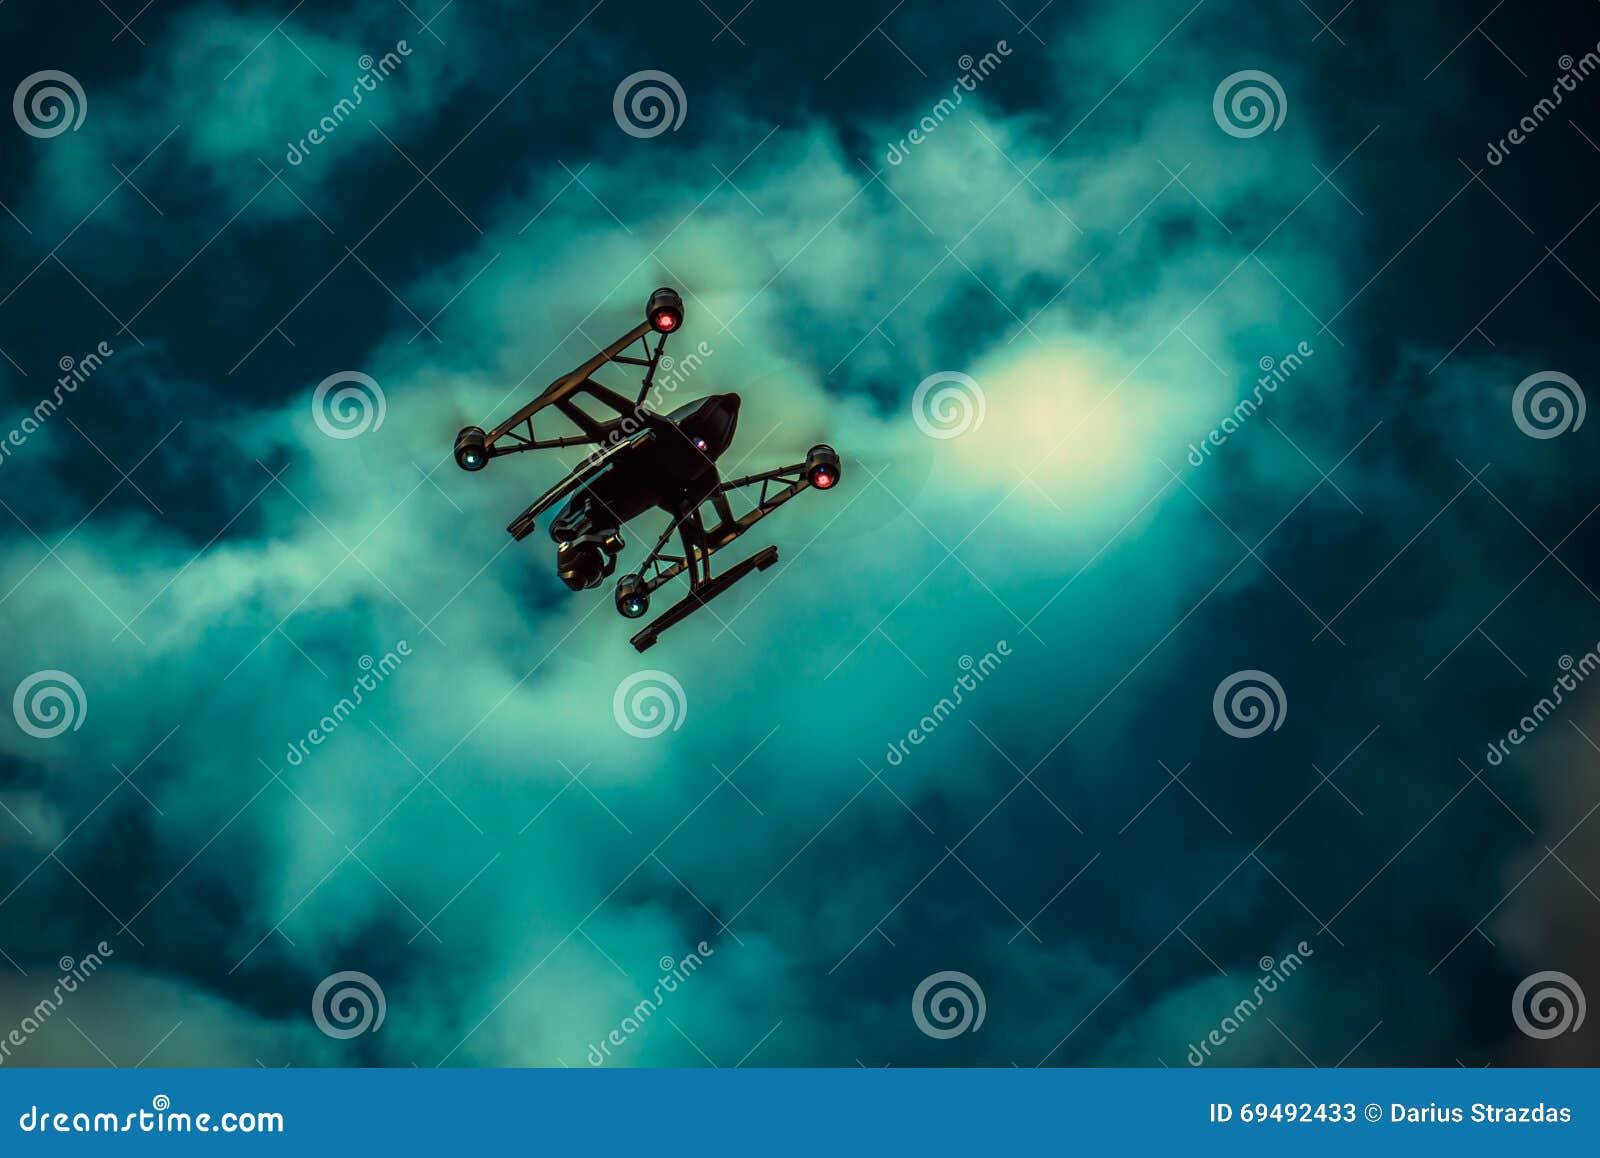 Zangão no céu